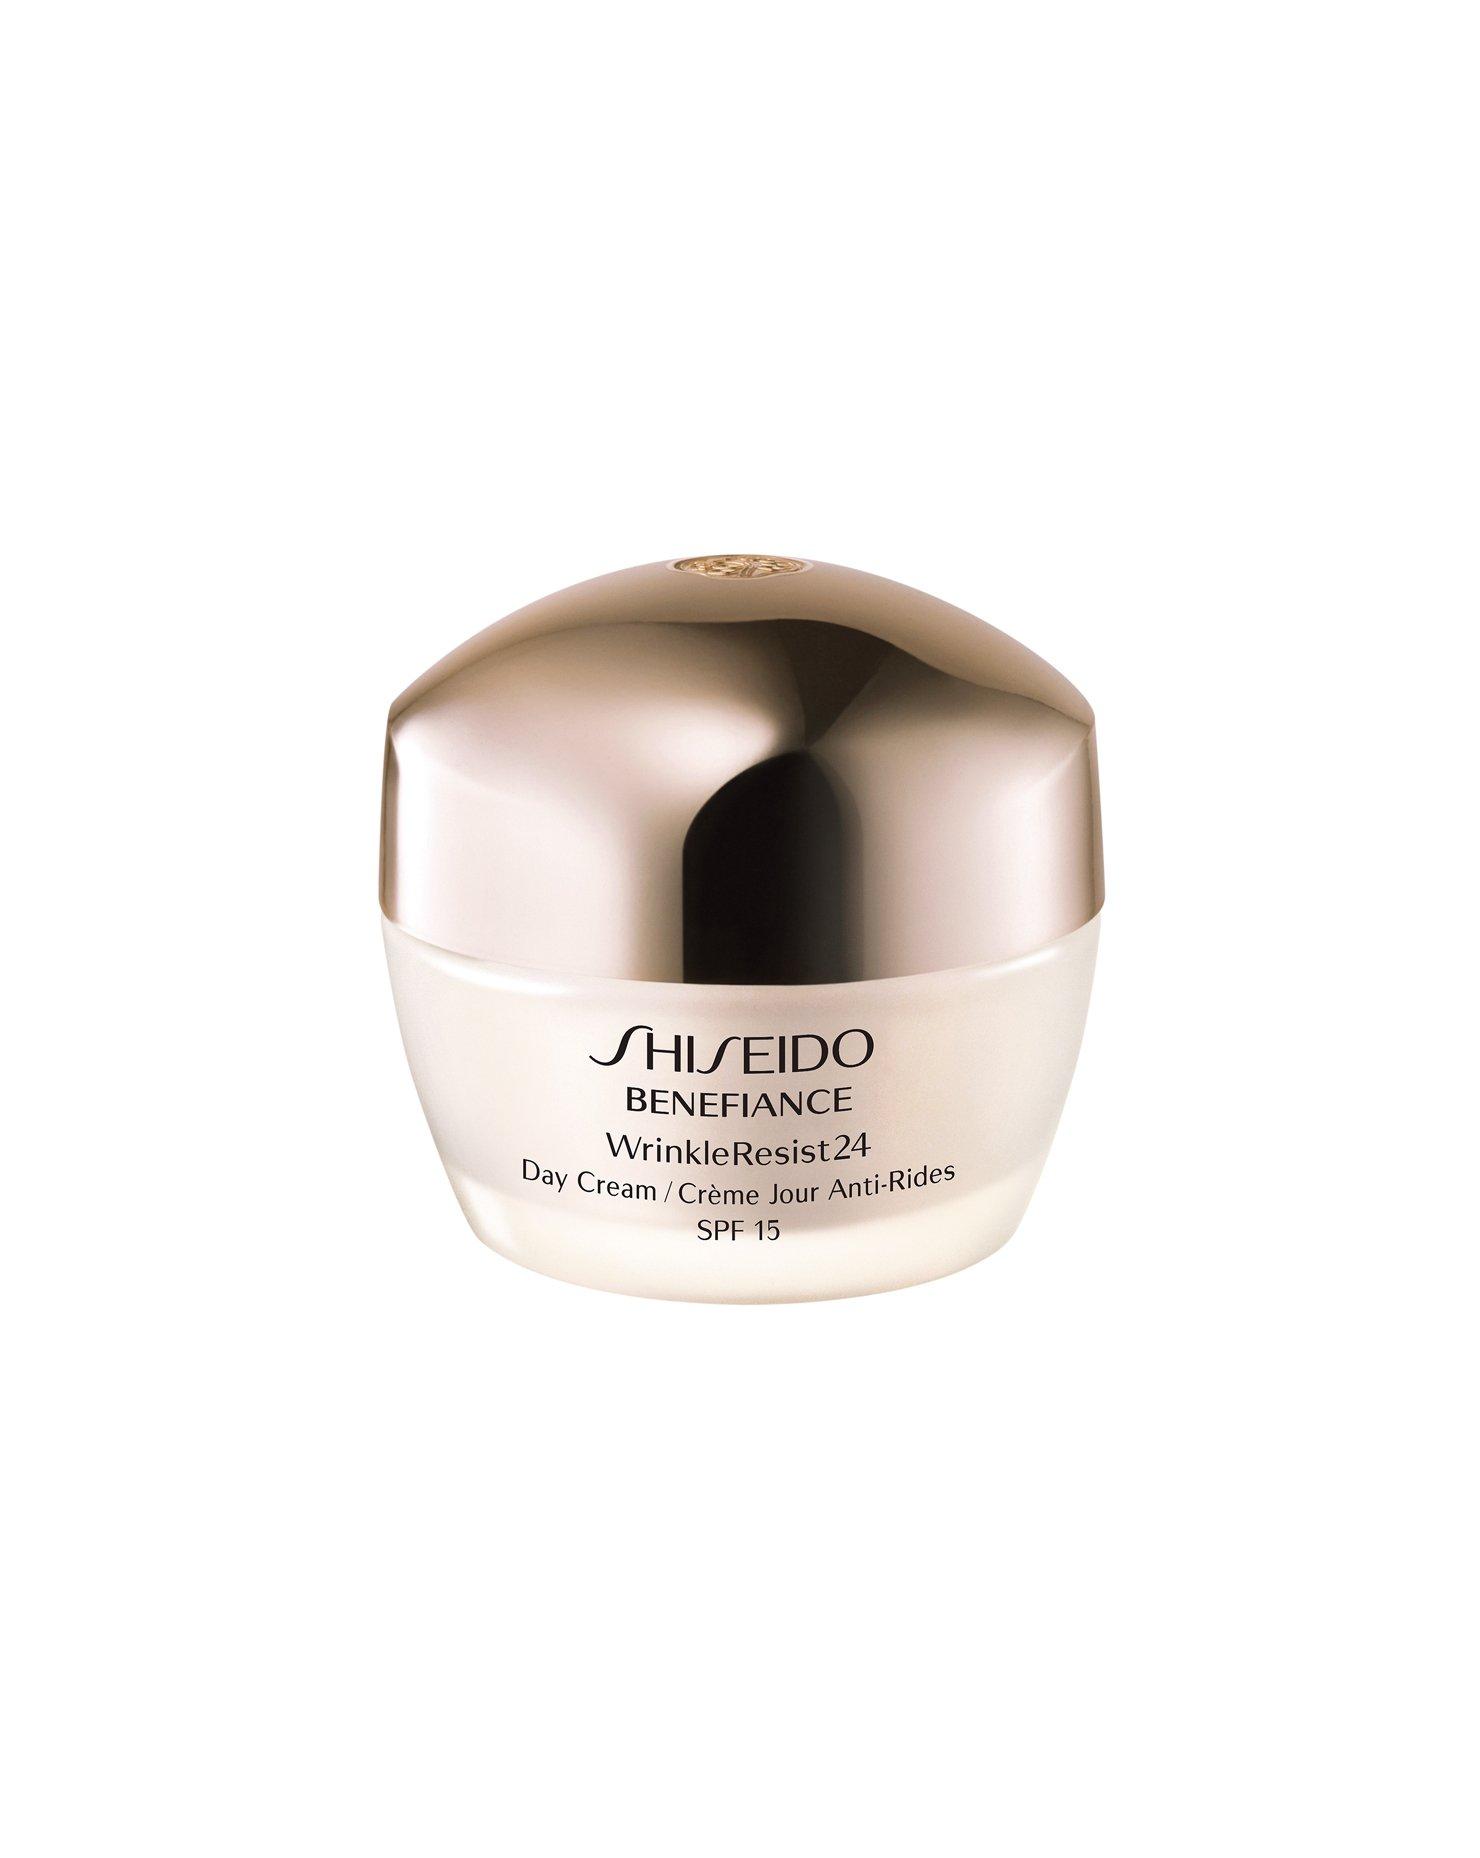 Shiseido SPF 18 Benefiance Wrinkle-Resist 24 Day Cream for Unisex, 1.8 Ounce by Shiseido